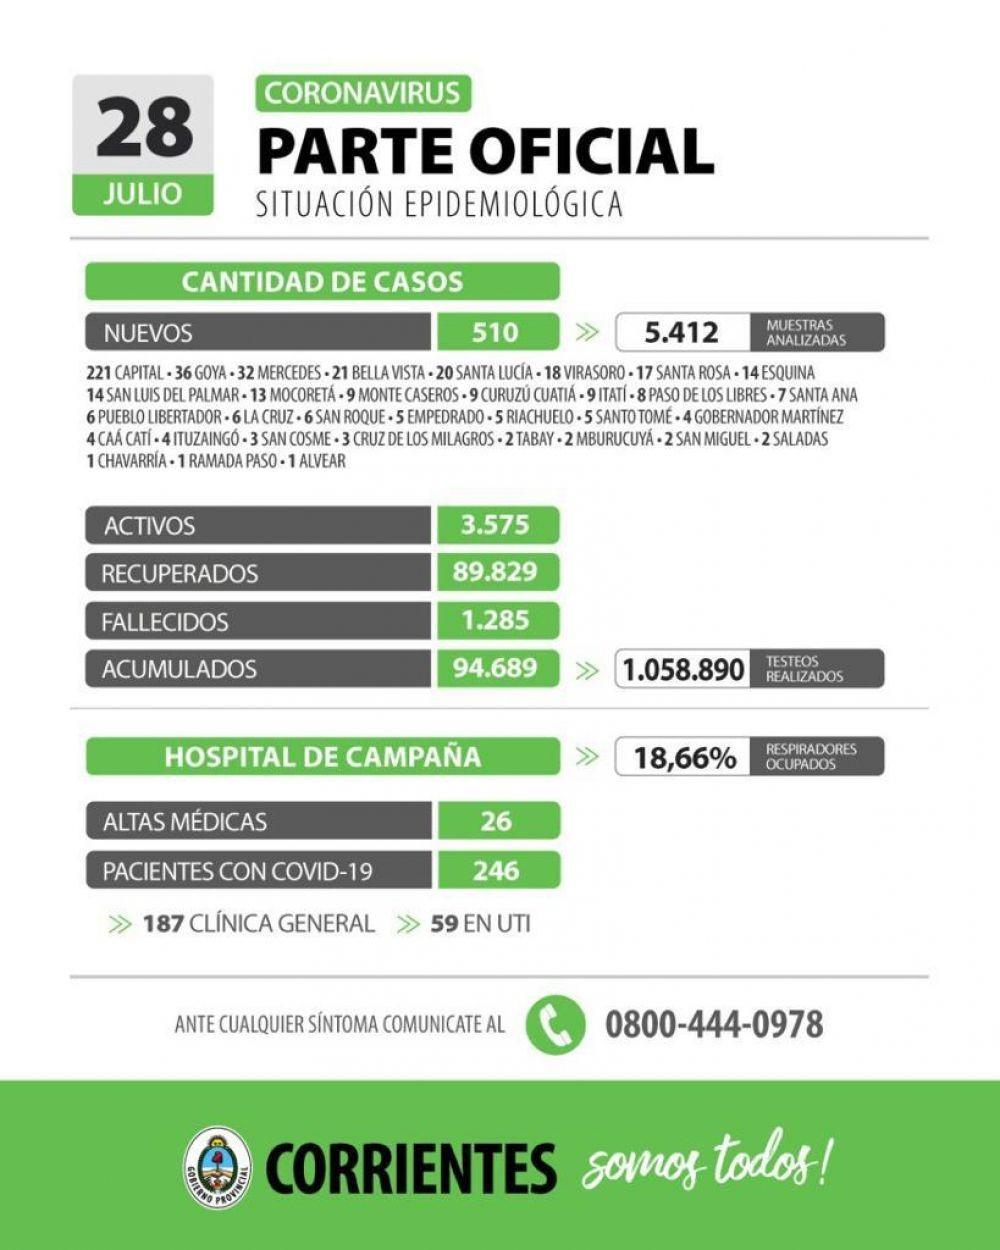 Informan 510 nuevos casos de coronavirus en Corrientes